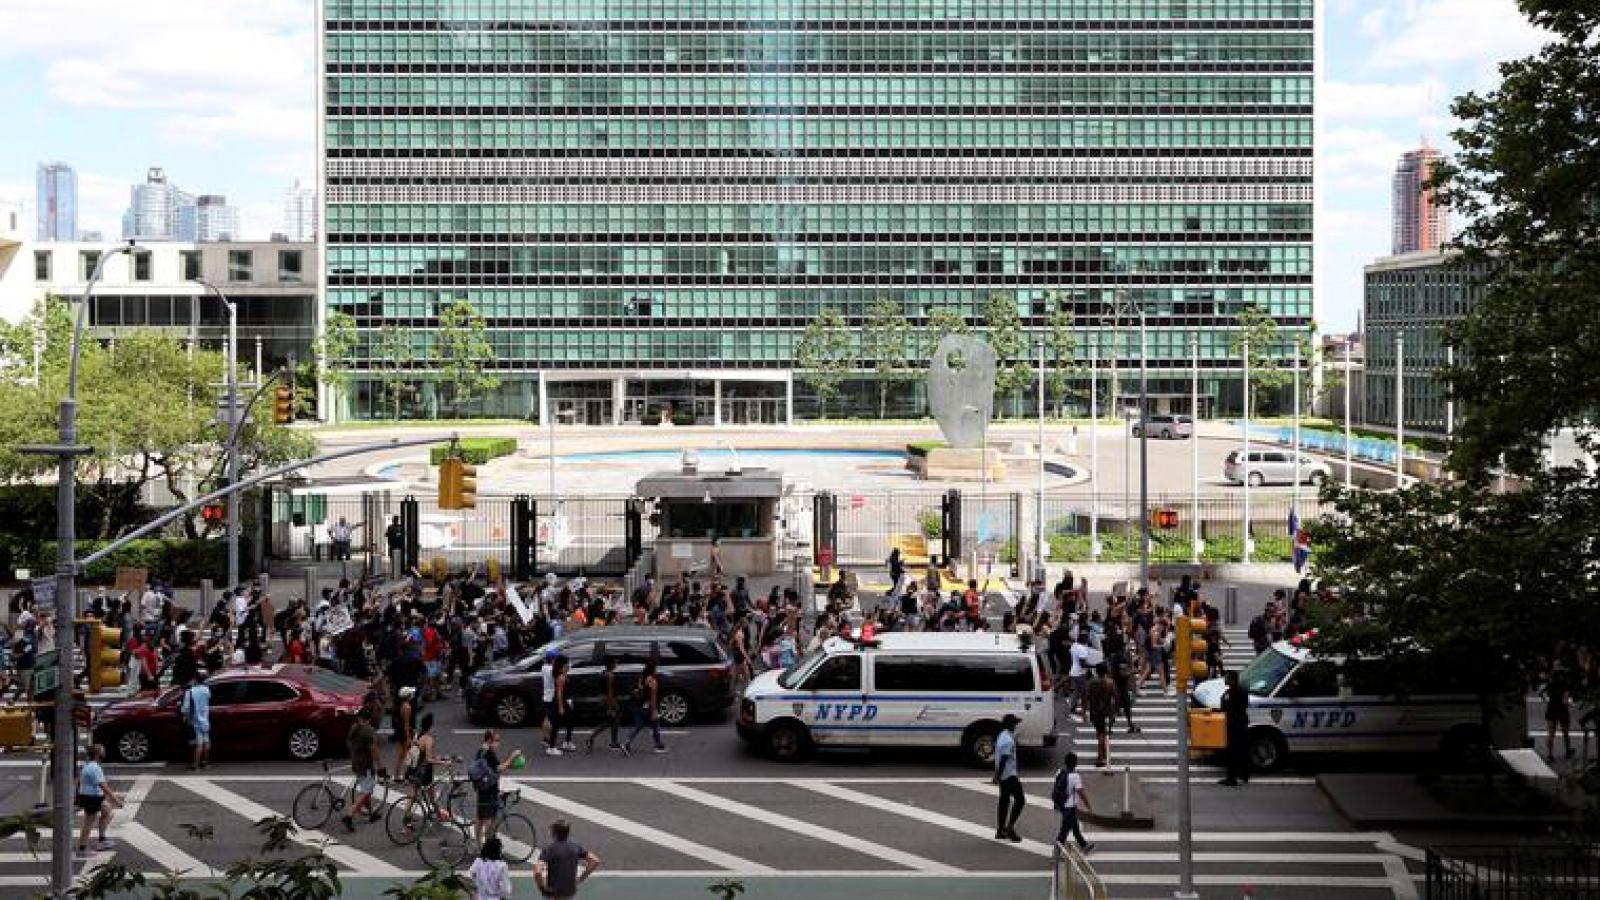 Các cuộc biểu tình rầm rộ tiếp diễn trong ngày cuối tuần ở Mỹ